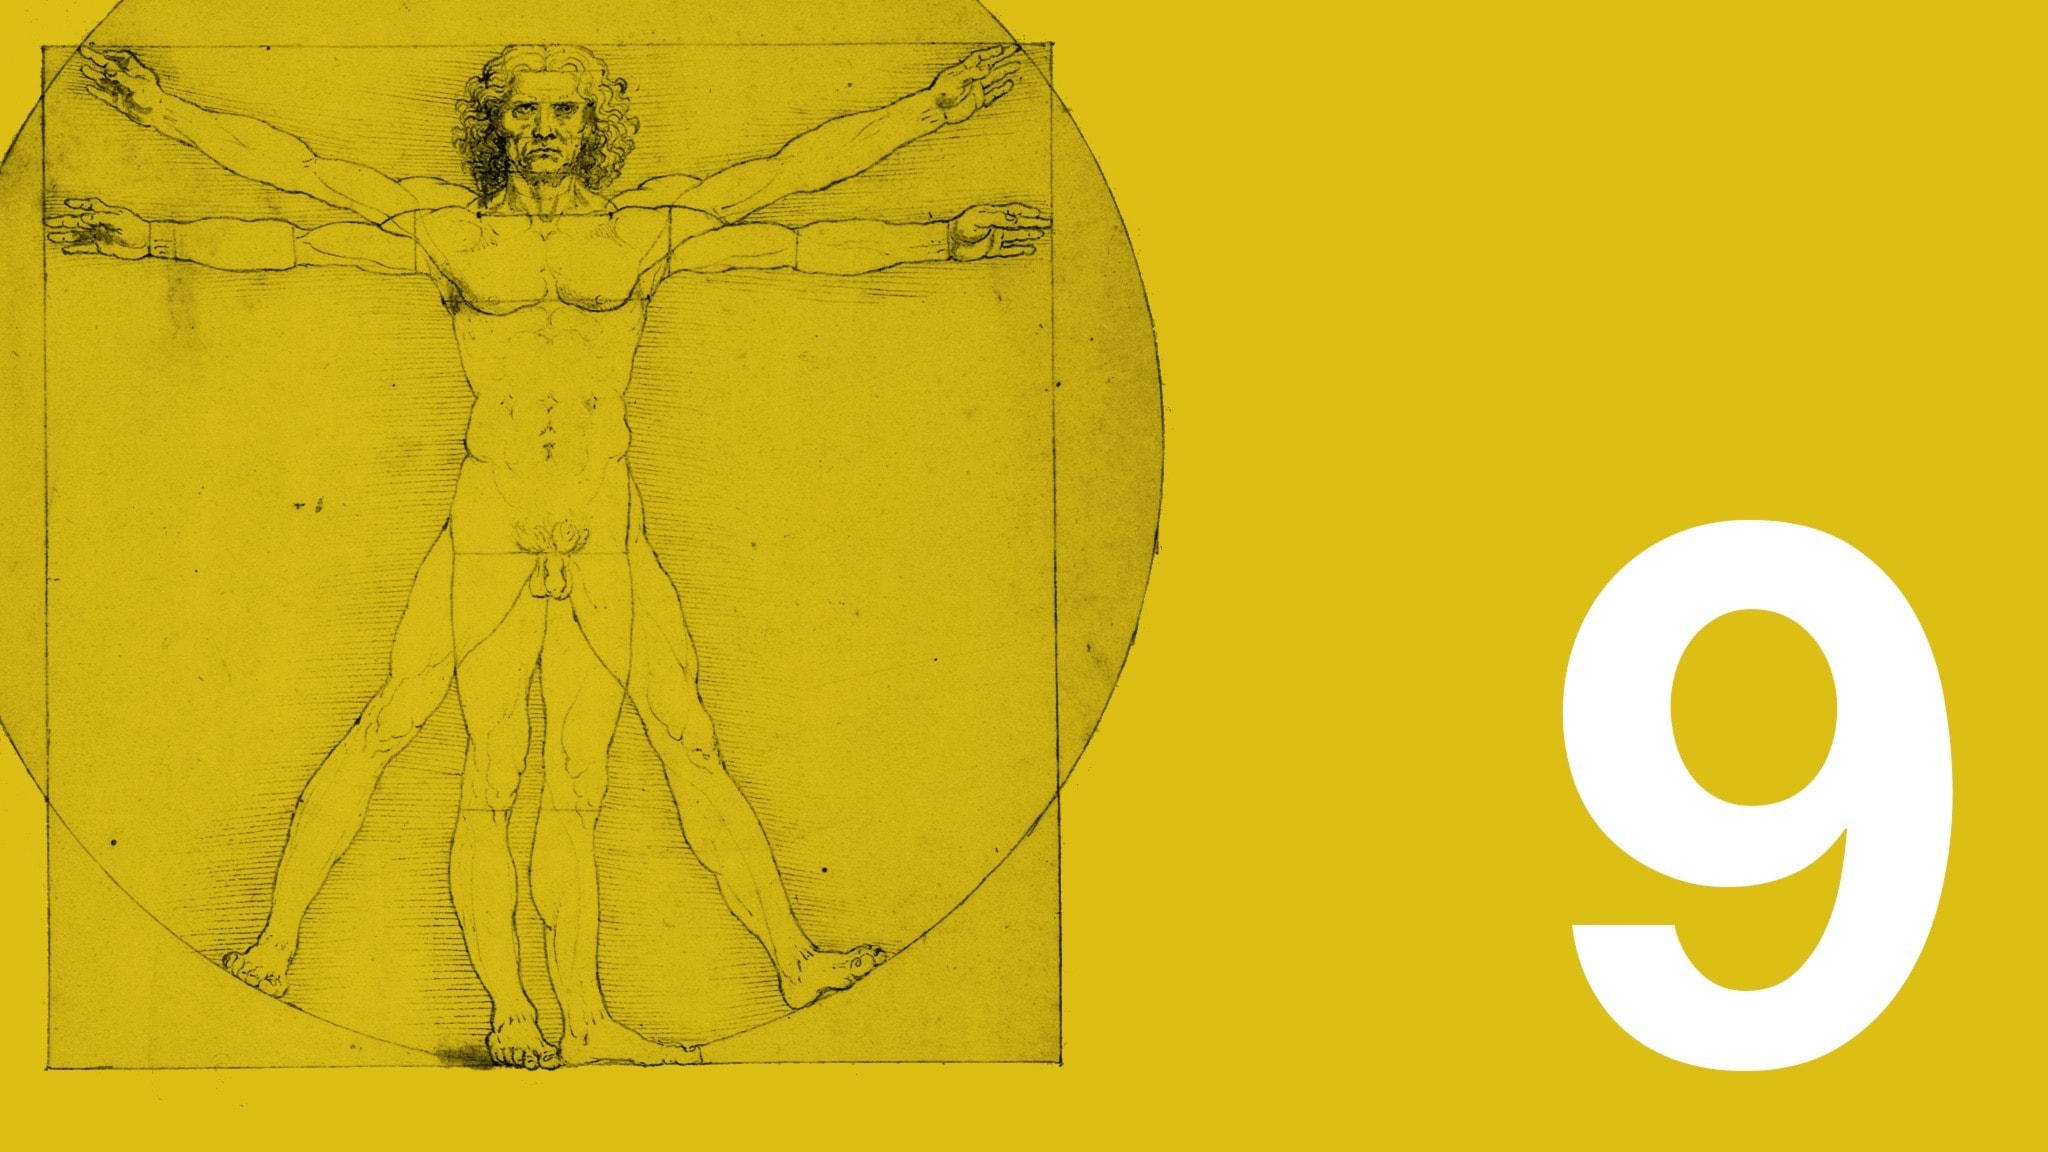 Bilden visar ett utsnitt av Leonardo da Vincis teckning den vitruvianske mannen, som ofta har fått stå som sinnebild för människans ideala proportioner. Teckningen är till vänster i bild. Bakgrundsfärgen är ockragul. Längst ner till höger syns en vit nia.